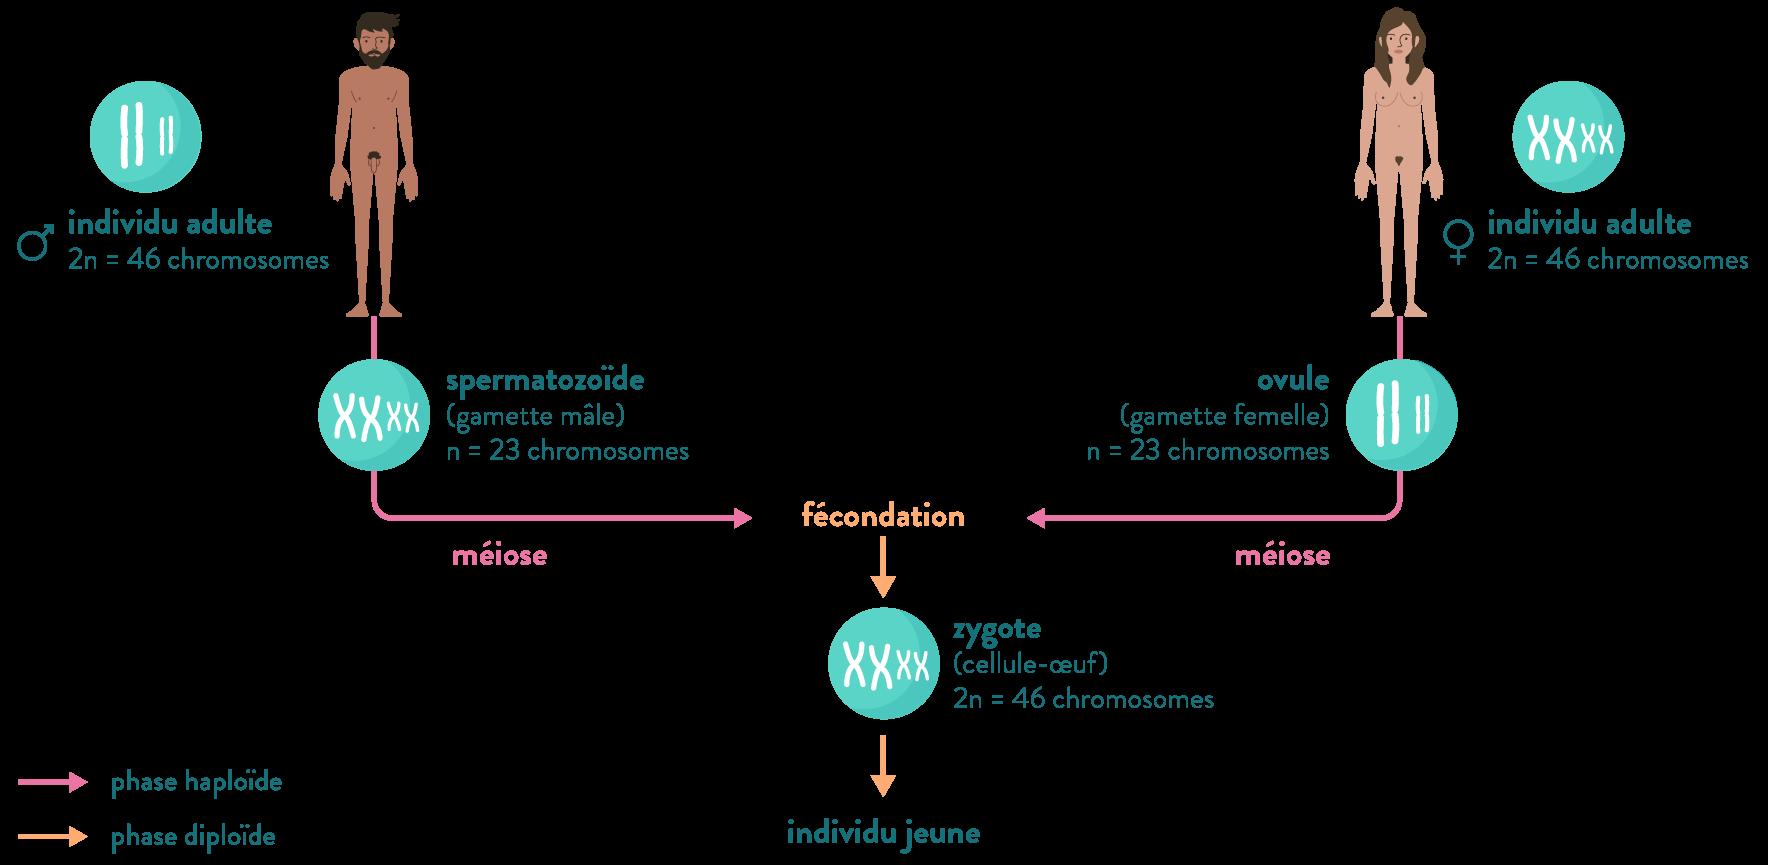 reproduction sexuée étapes méiose